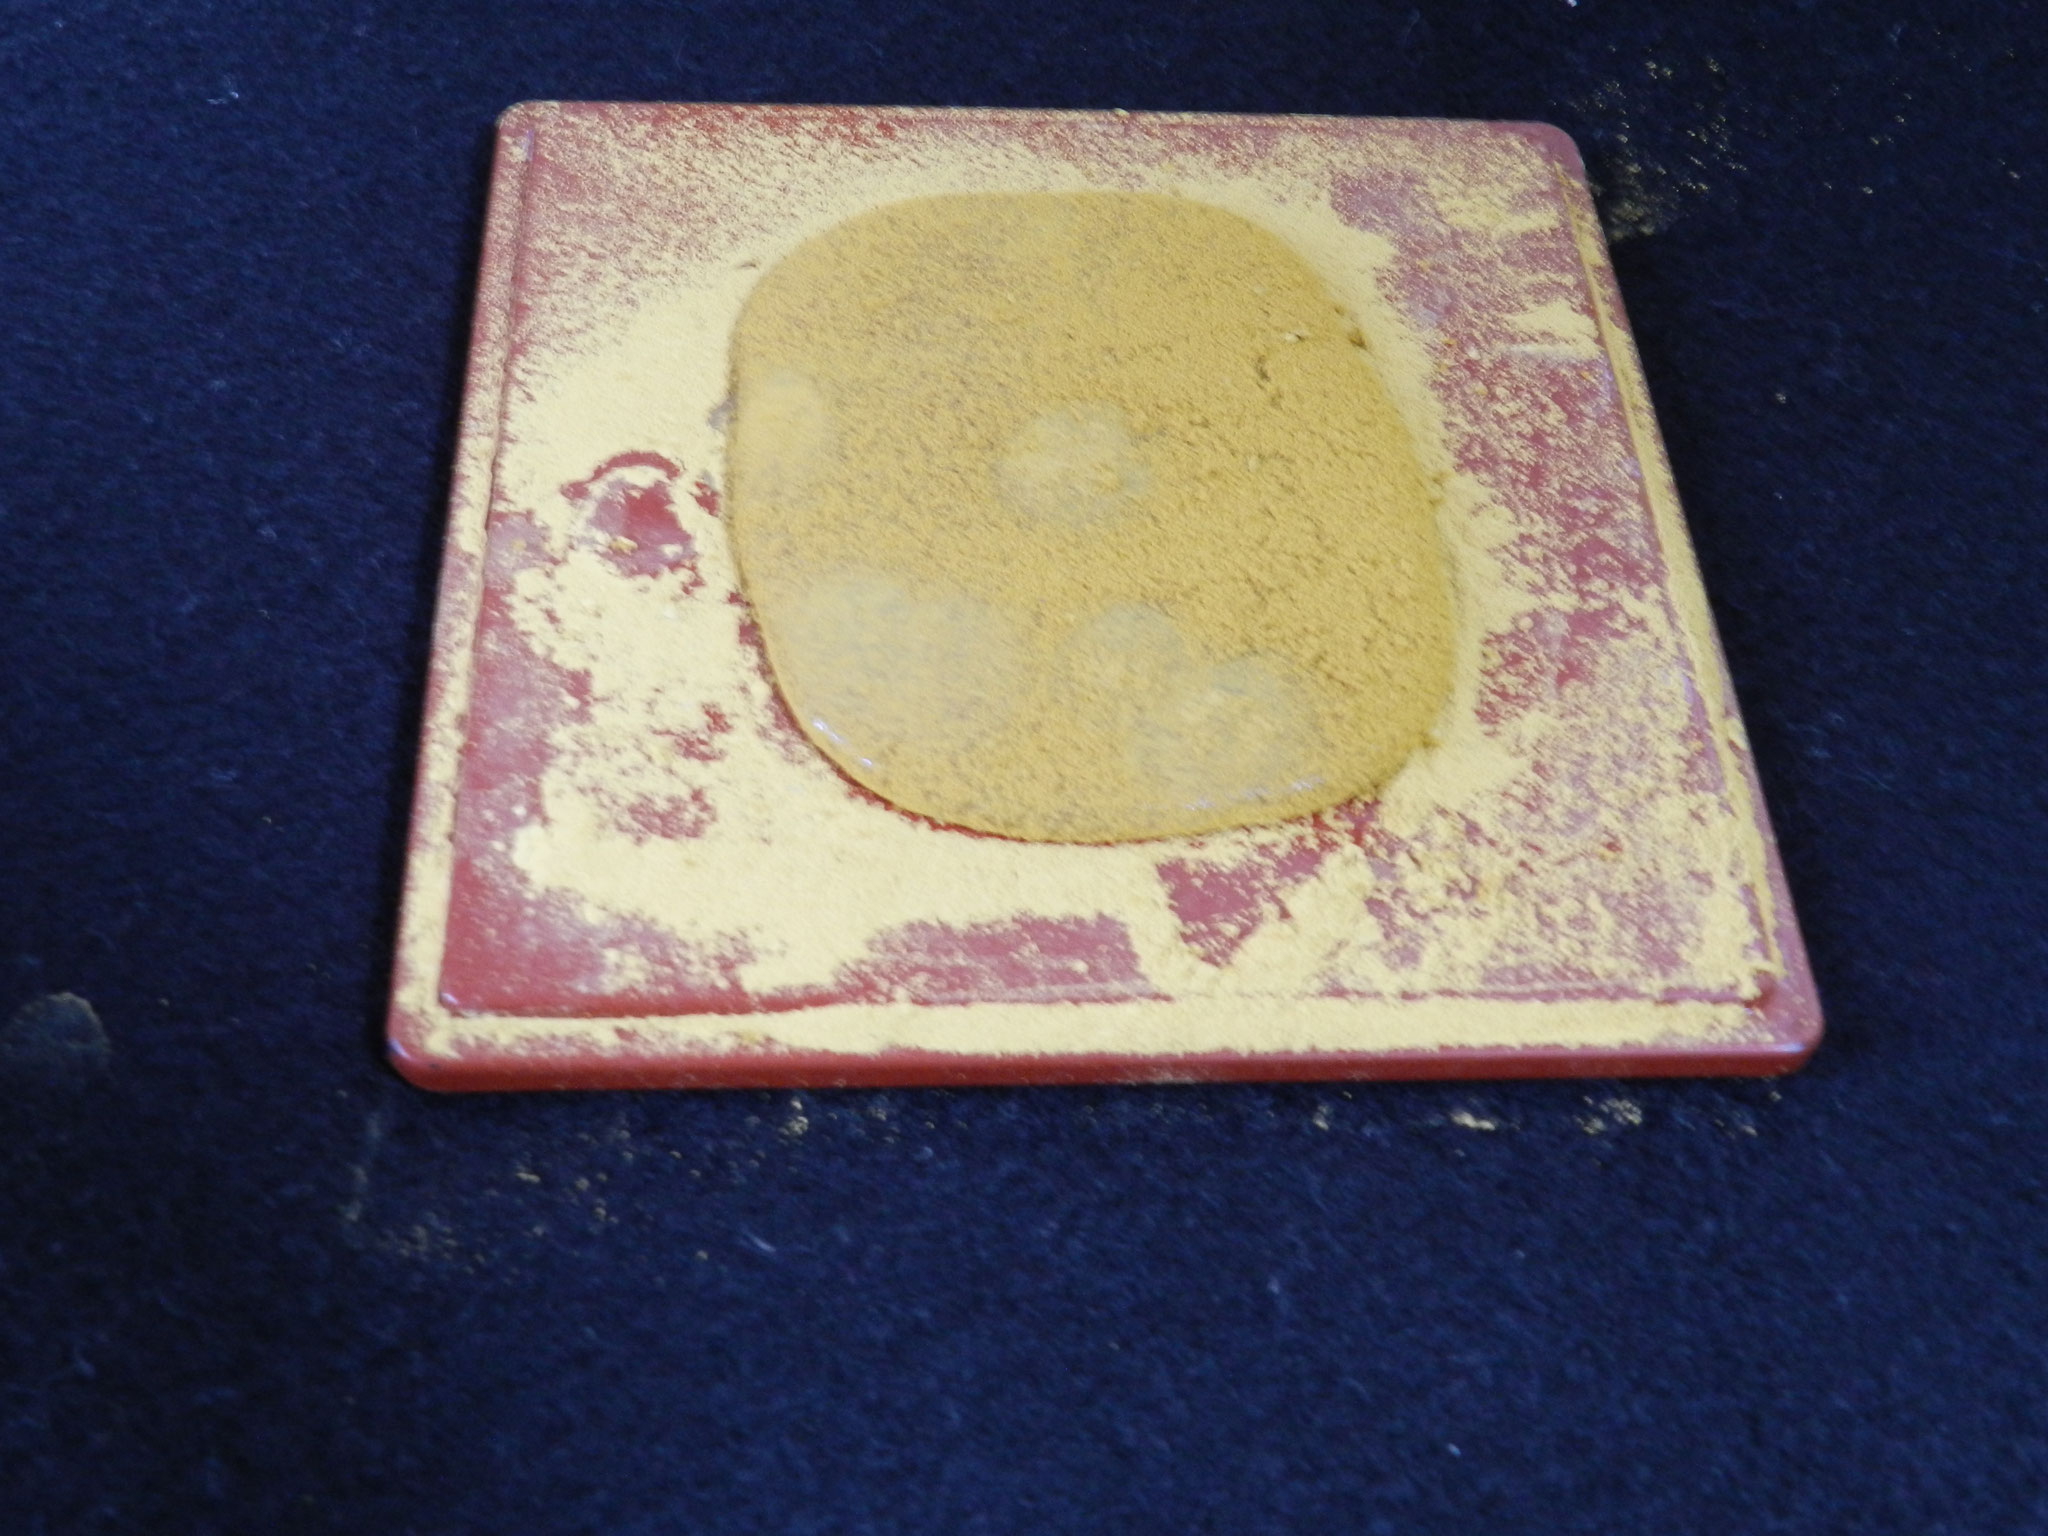 スライムで「きなこもち」を作りました★ 削ったパステルがきな粉そっくり!(小5)